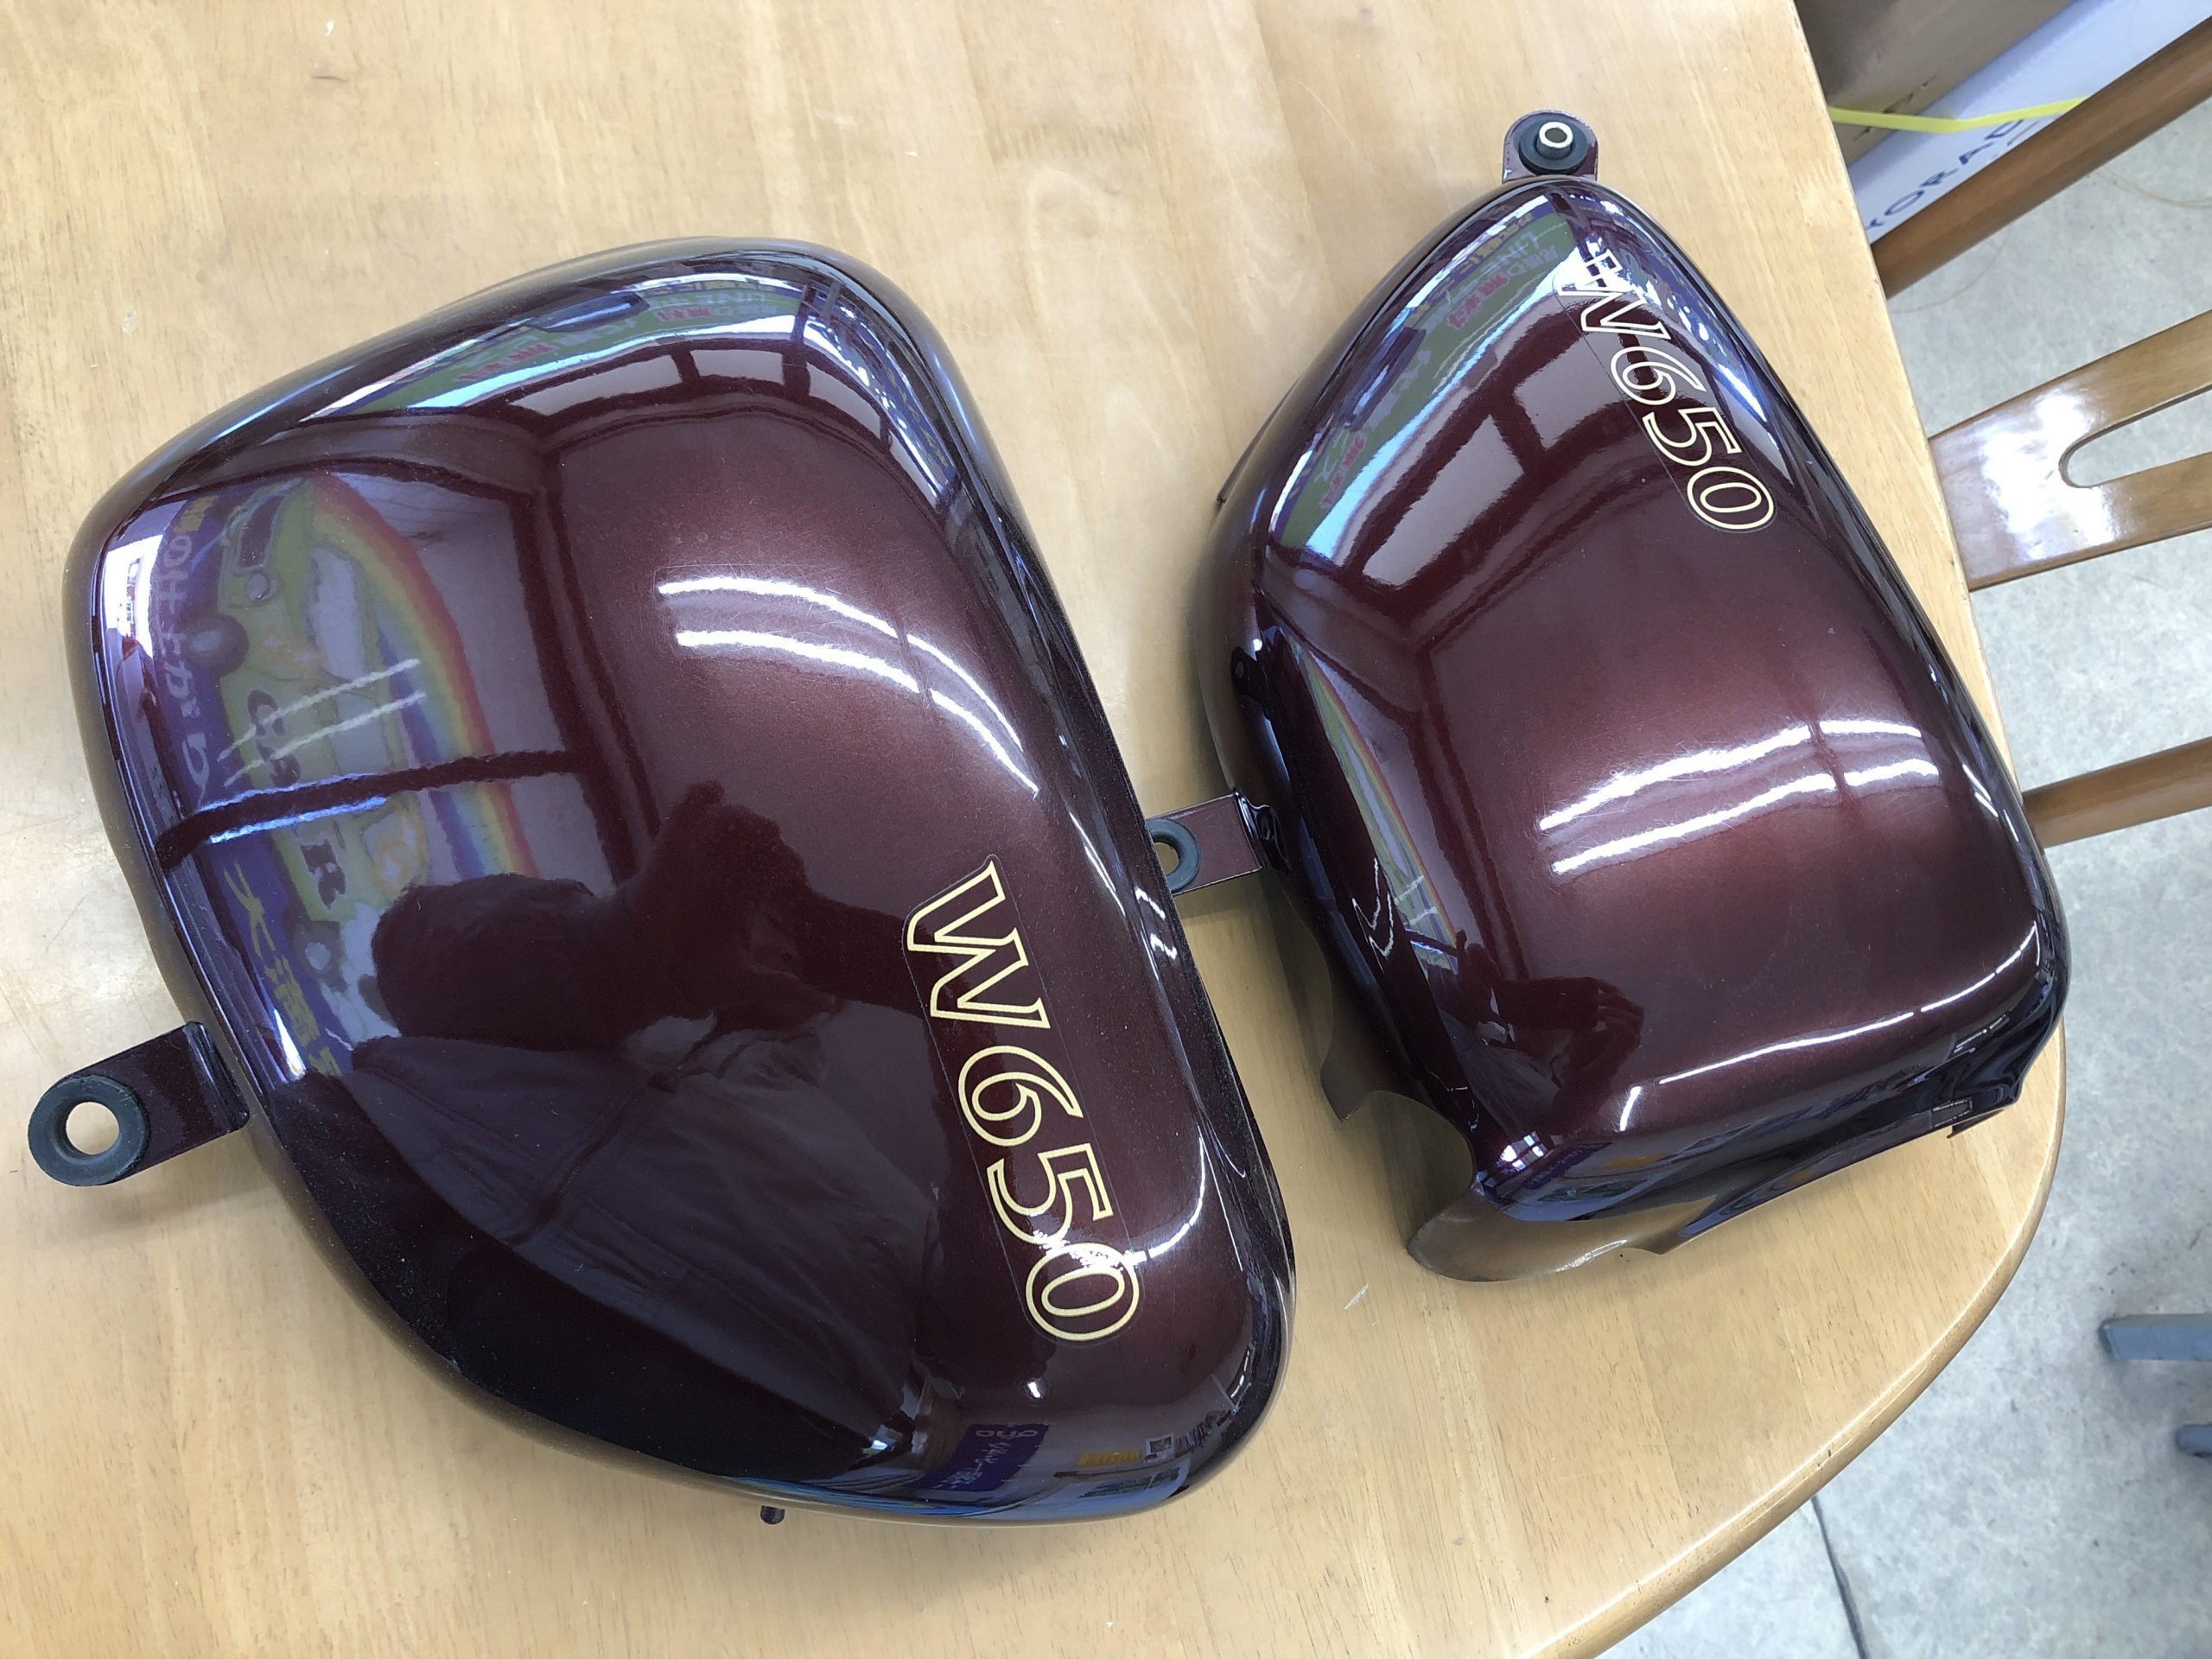 バイクW650|パーツ塗装|所沢市のお客様